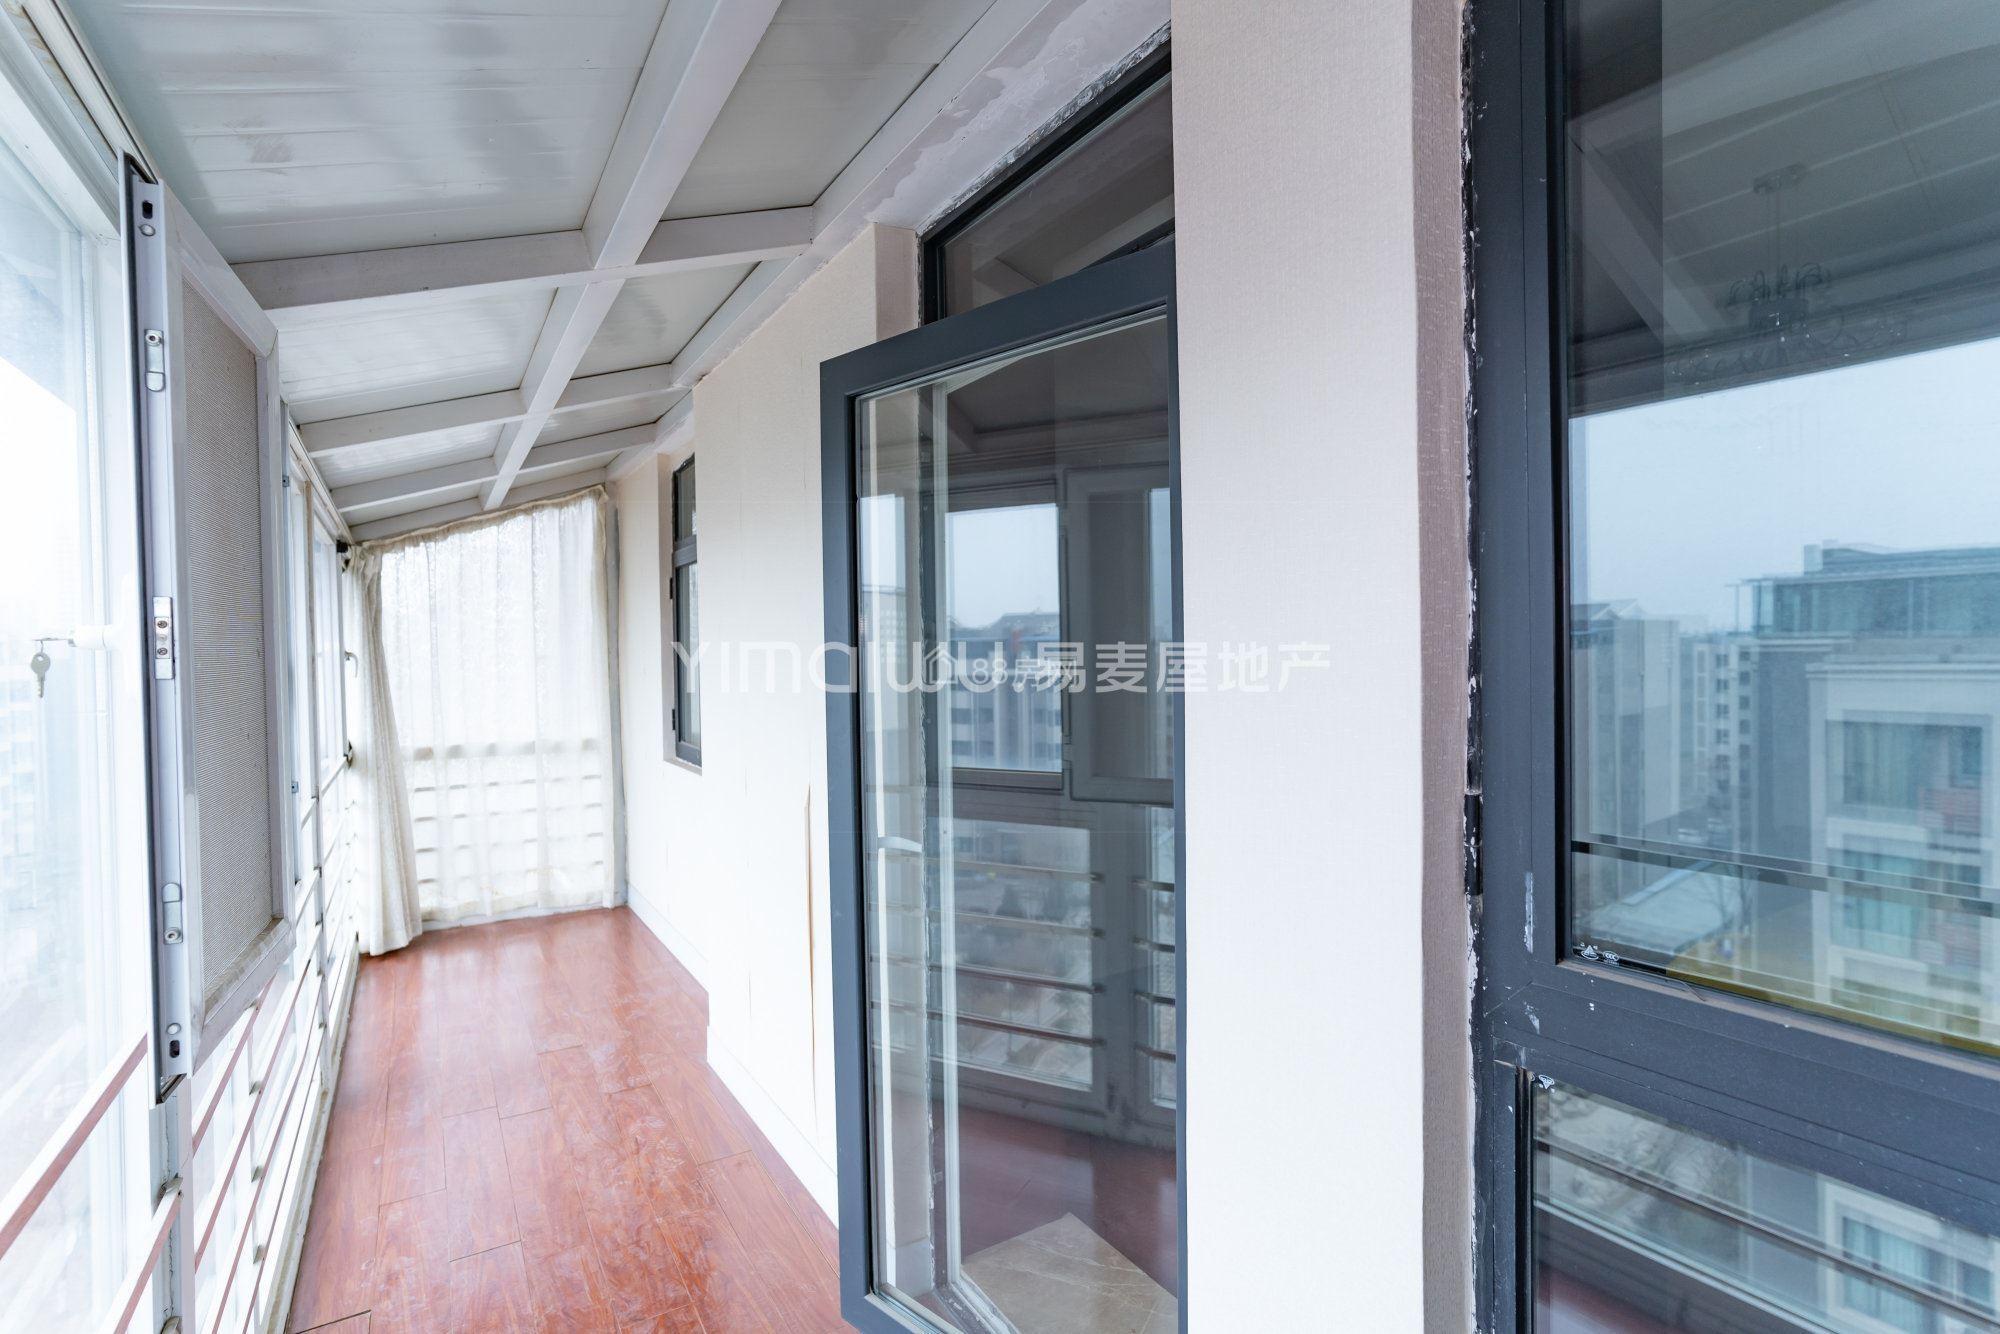 京能天下川,中装复式电梯大房出售,学籍未用,无大税,可观湖景